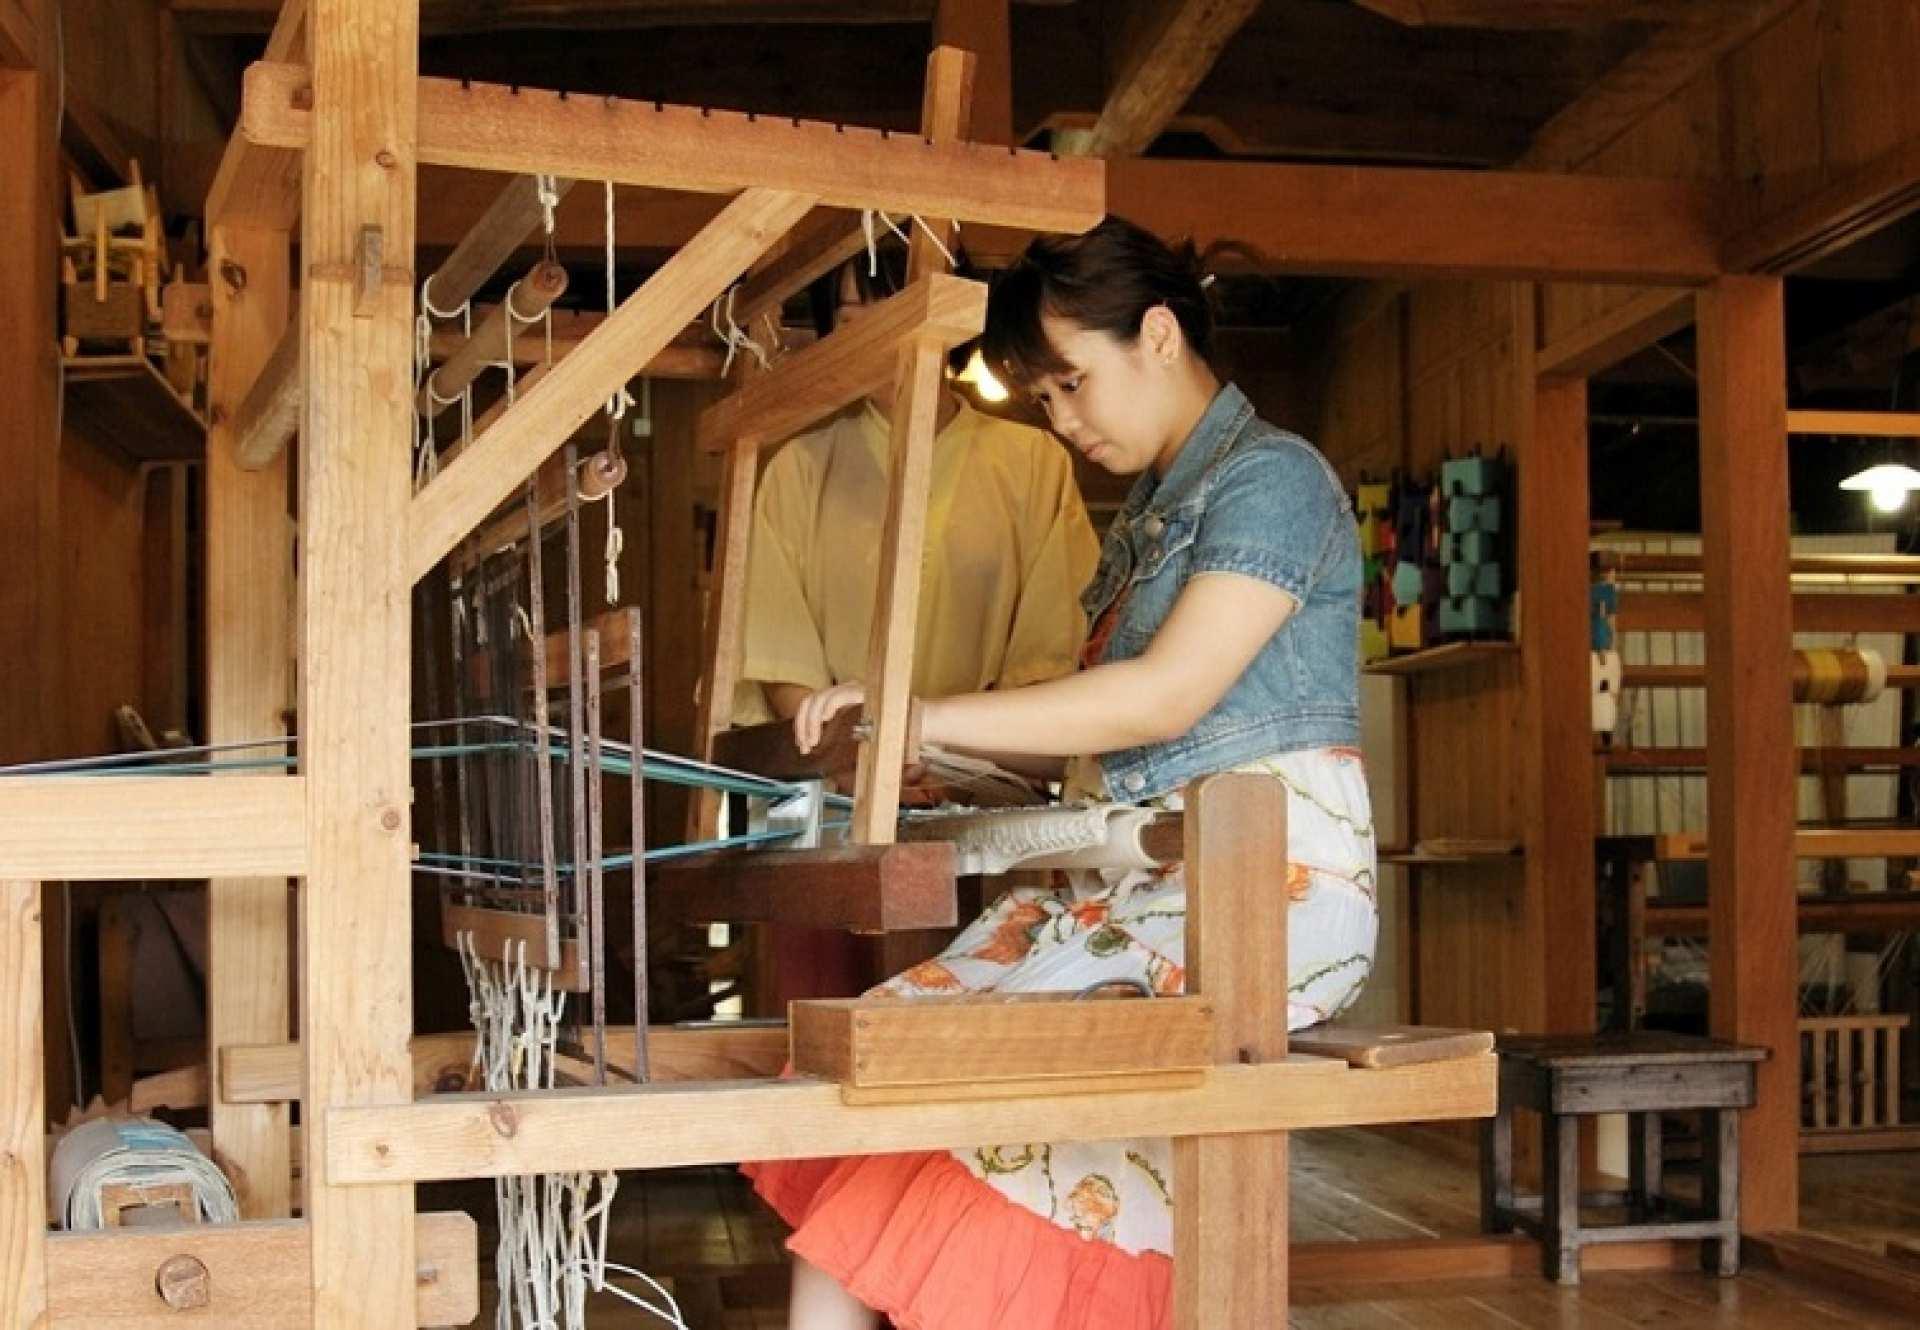 【沖繩特色體驗】沖繩文化王國傳統編織:輕鬆製作小杯墊